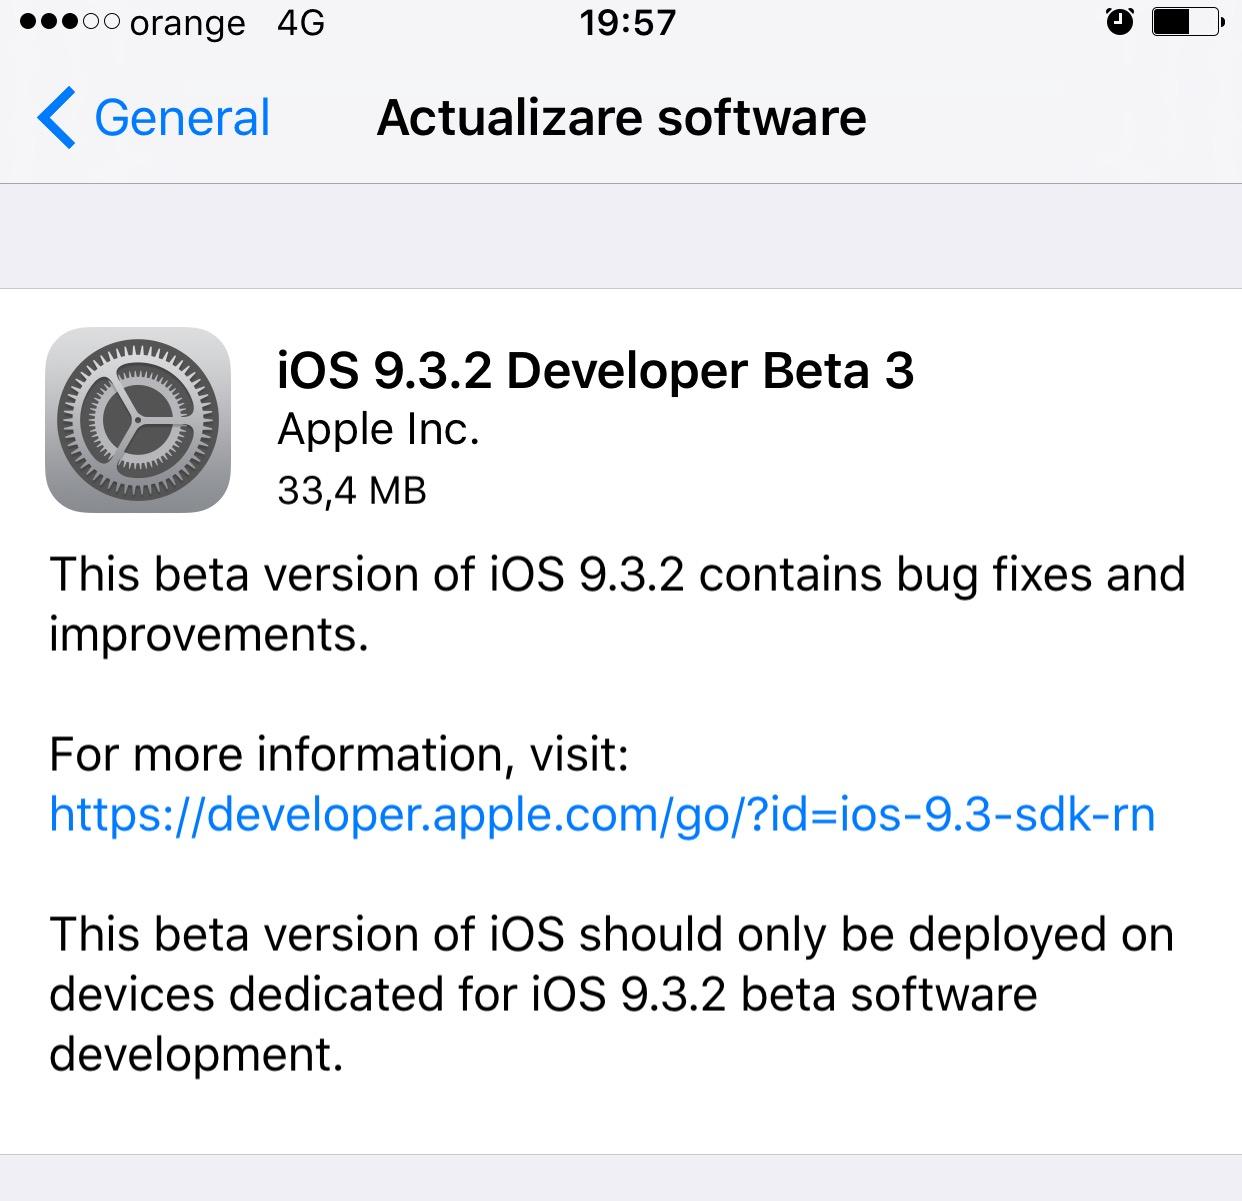 Avatar 2 Beta 3 Beta: IOS 9.3.2 Beta 3 A Fost Lansat